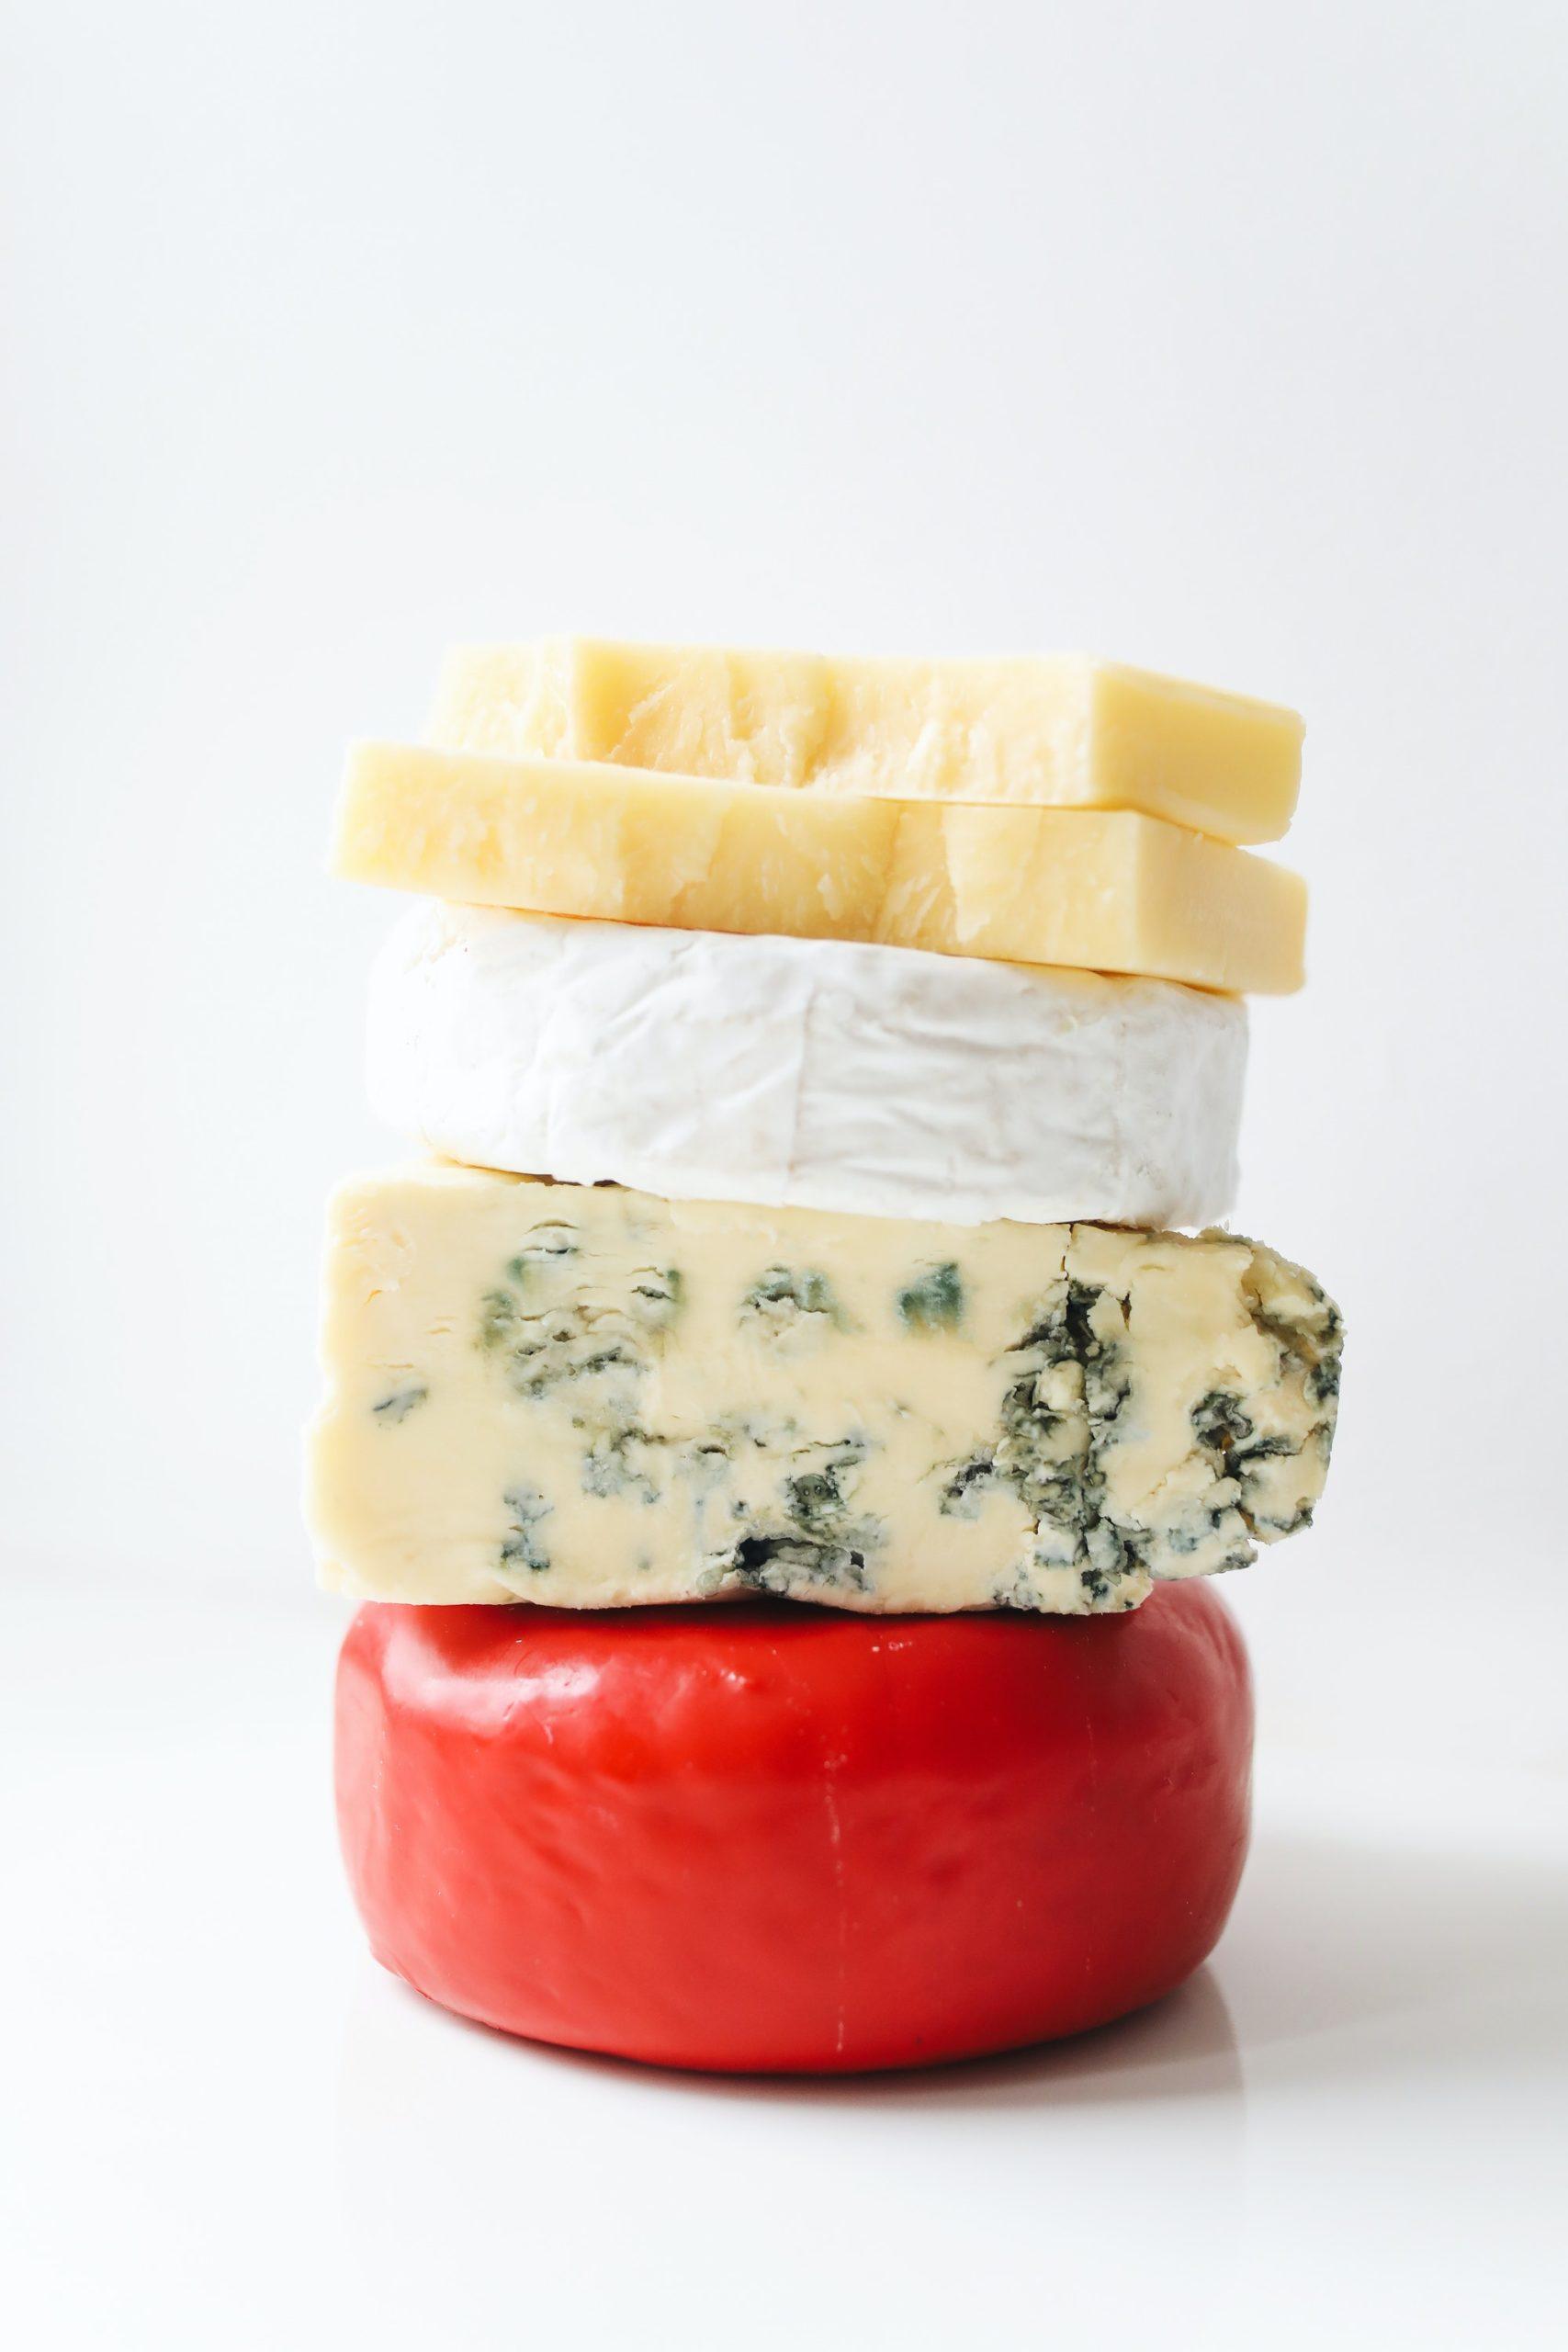 Croûtes de fromage : les manger ou ne pas les manger ?